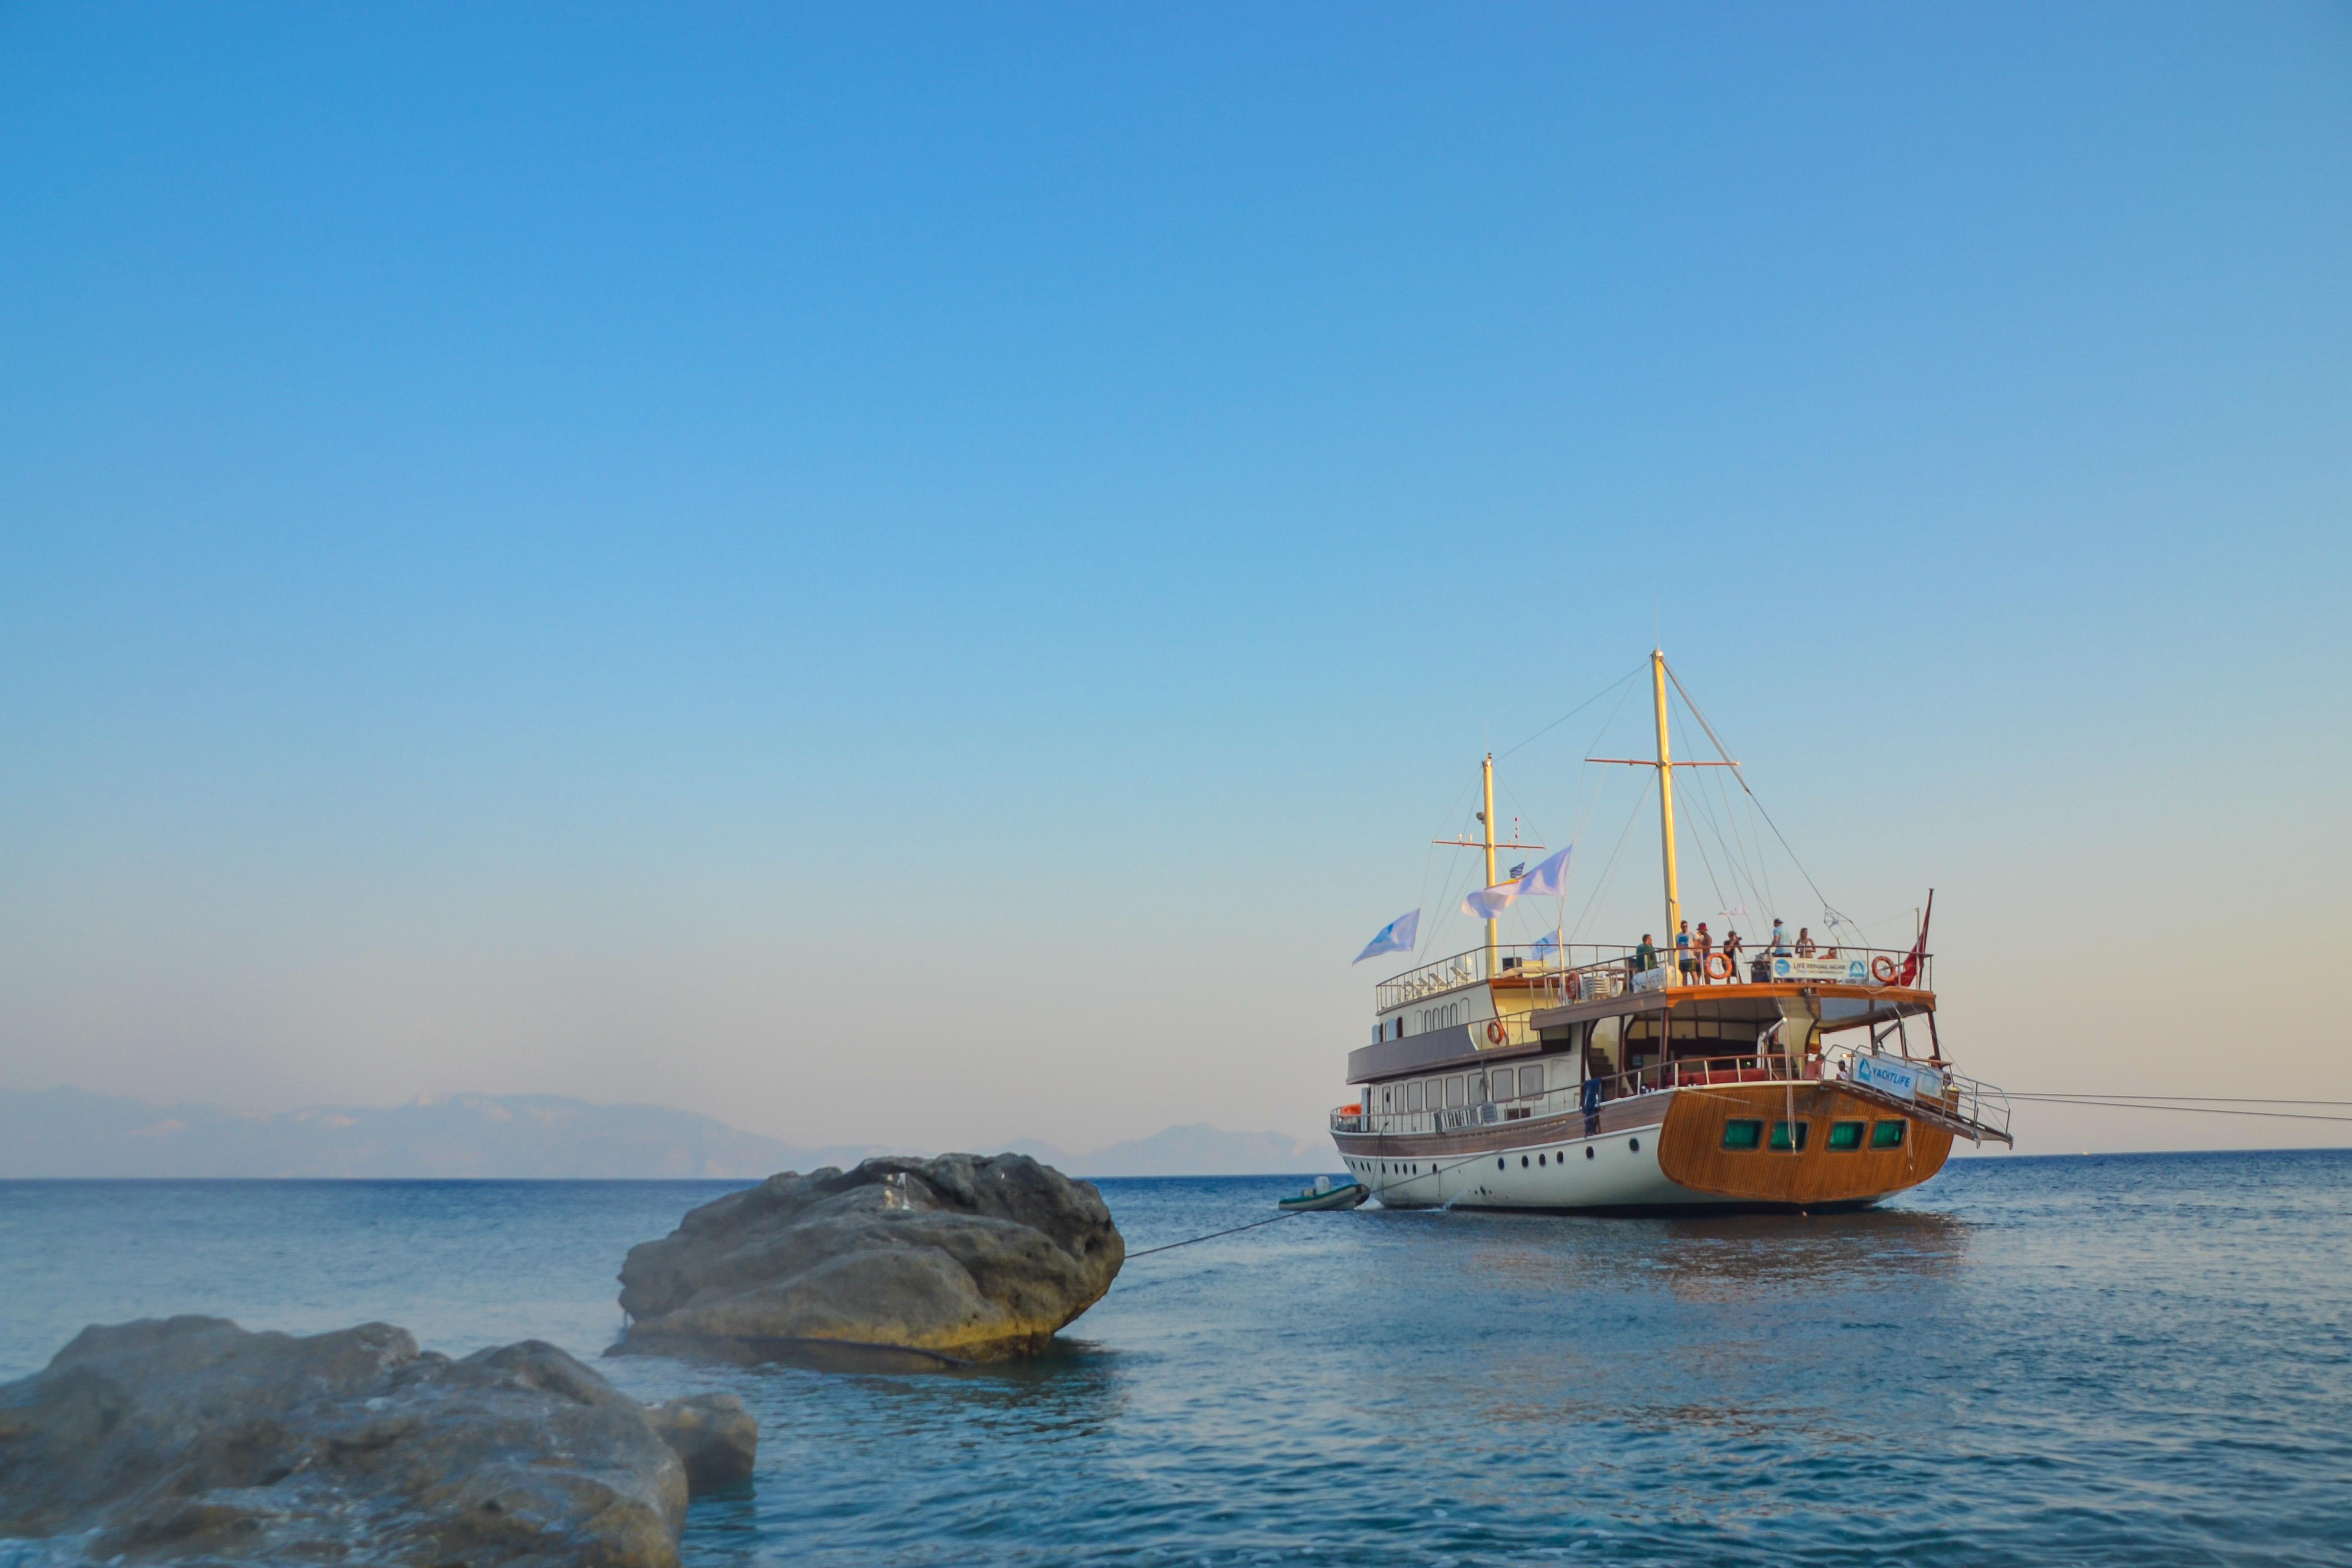 Yacht HALIS TEMEL